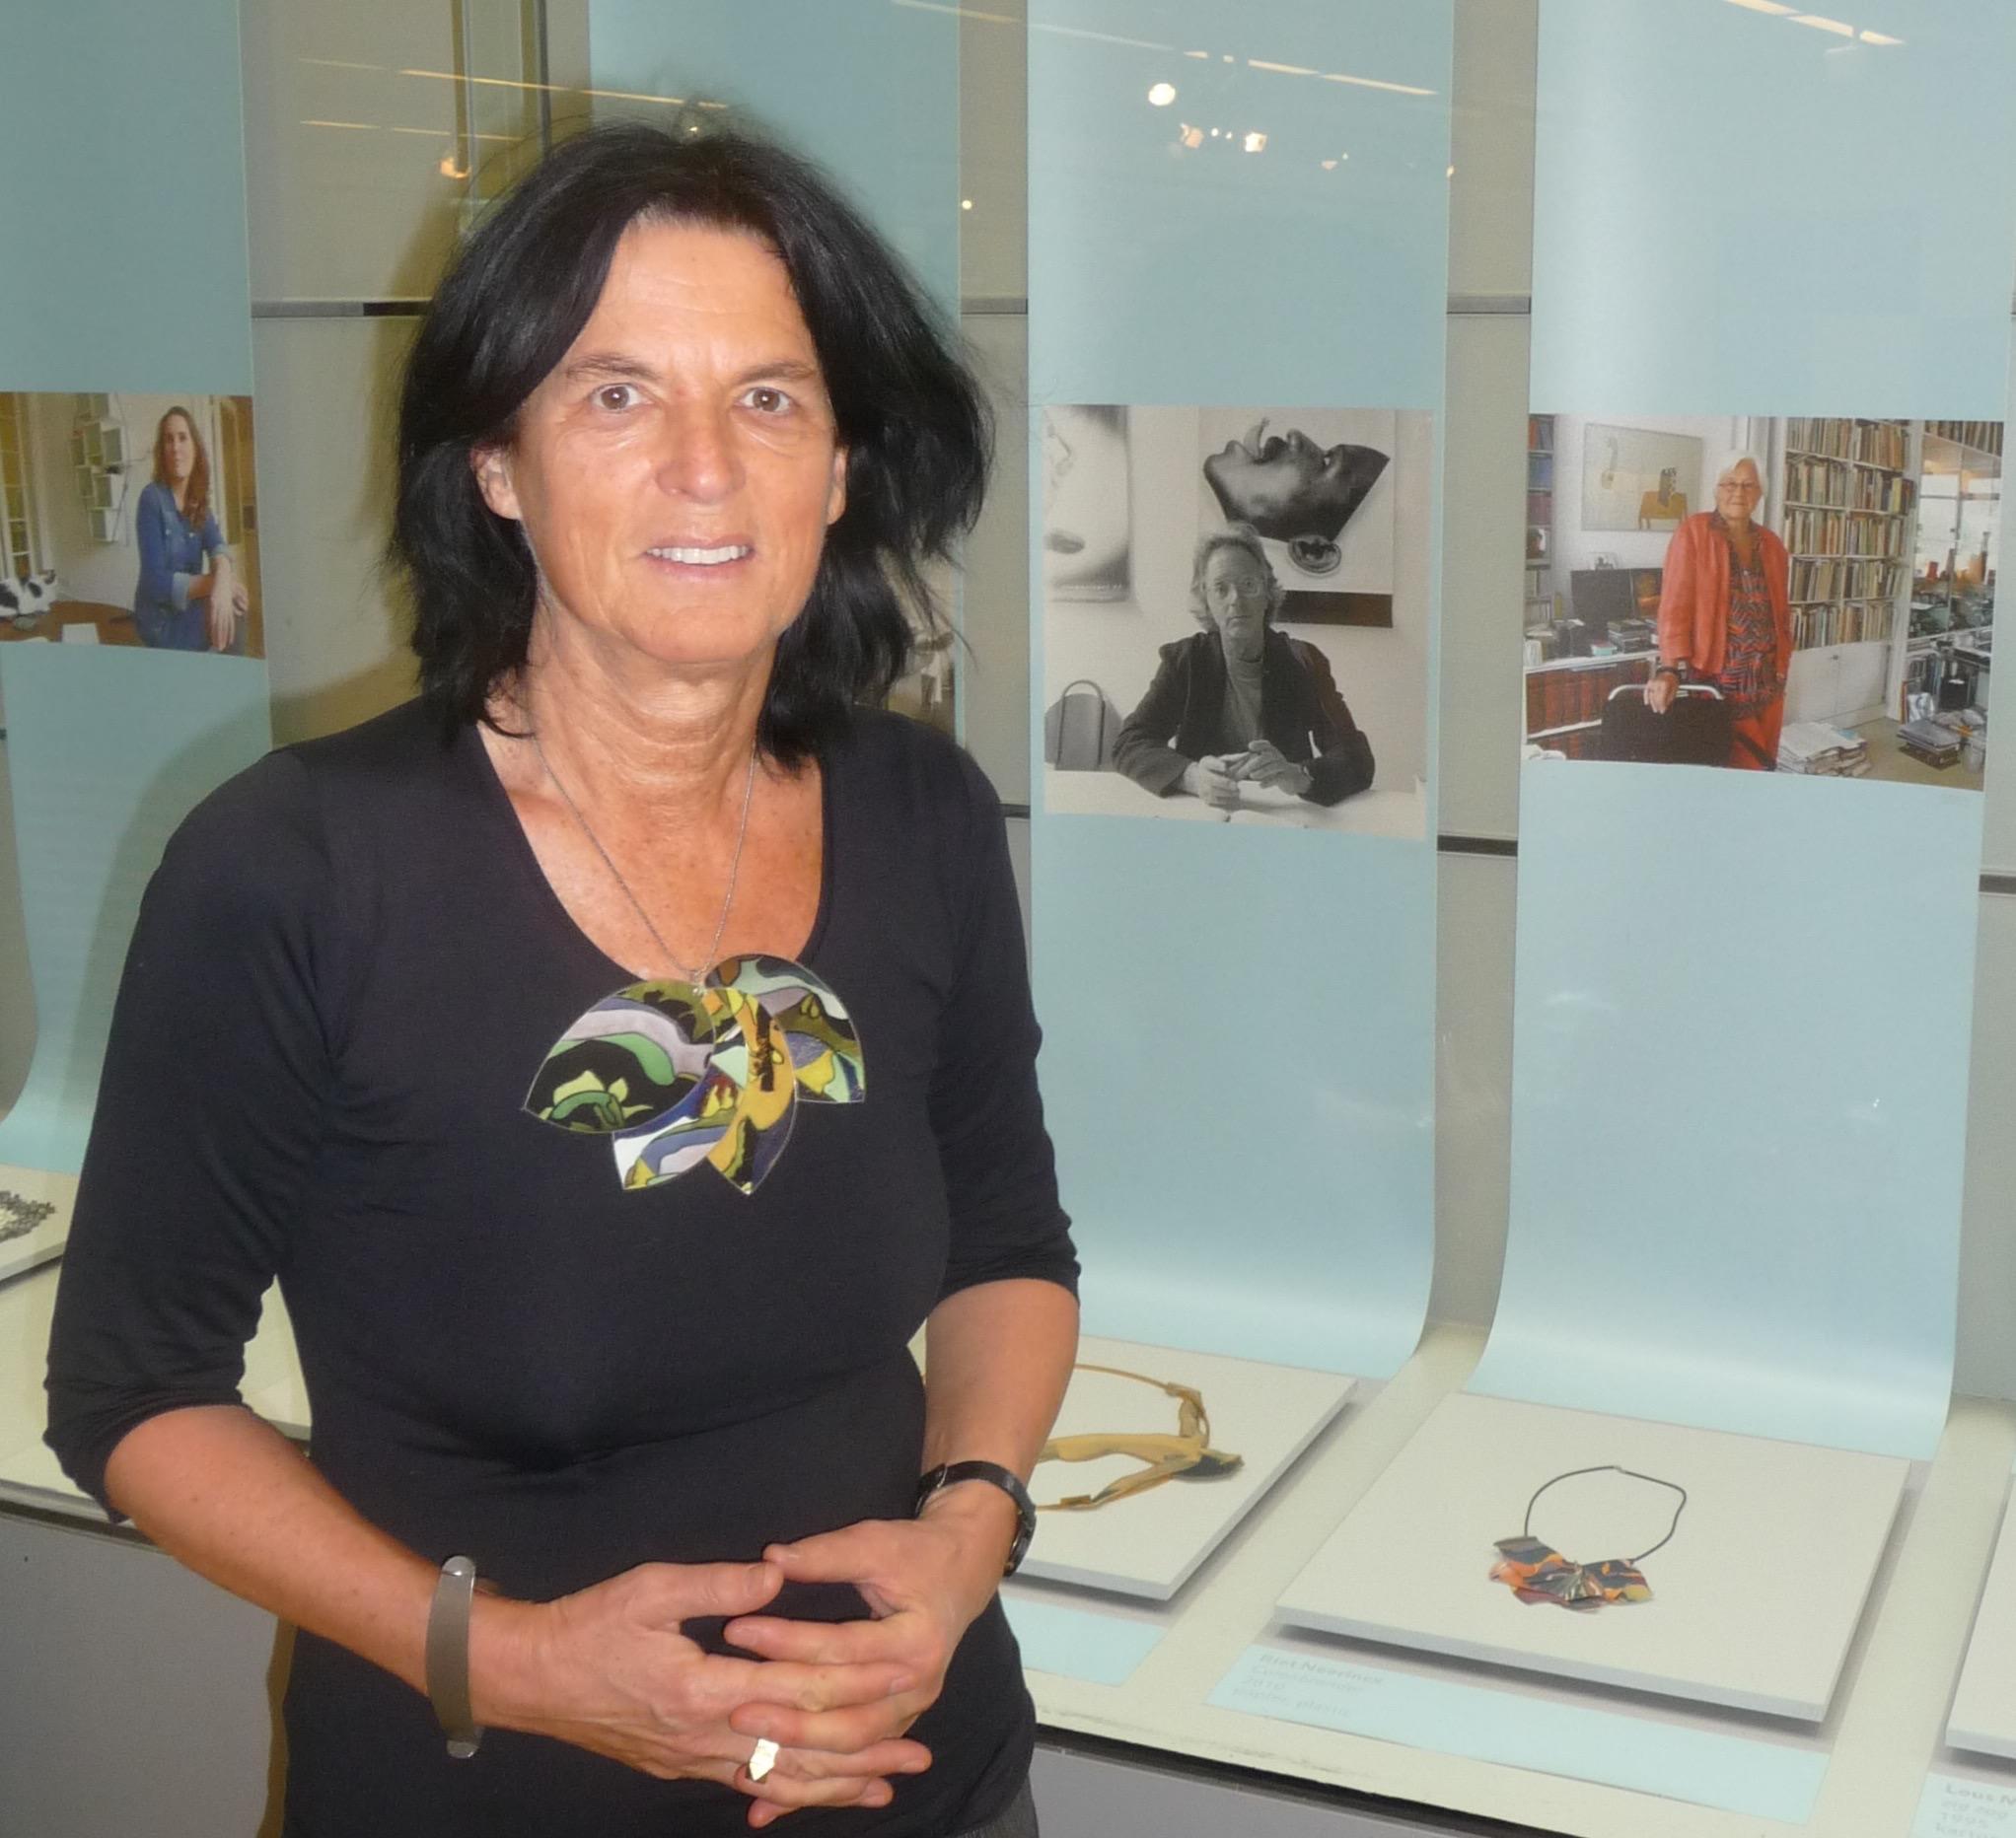 Clara de Goede draagt Riet Neerincx, Kettingreacties, CODA, 2014, tentoonstelling, halssieraden